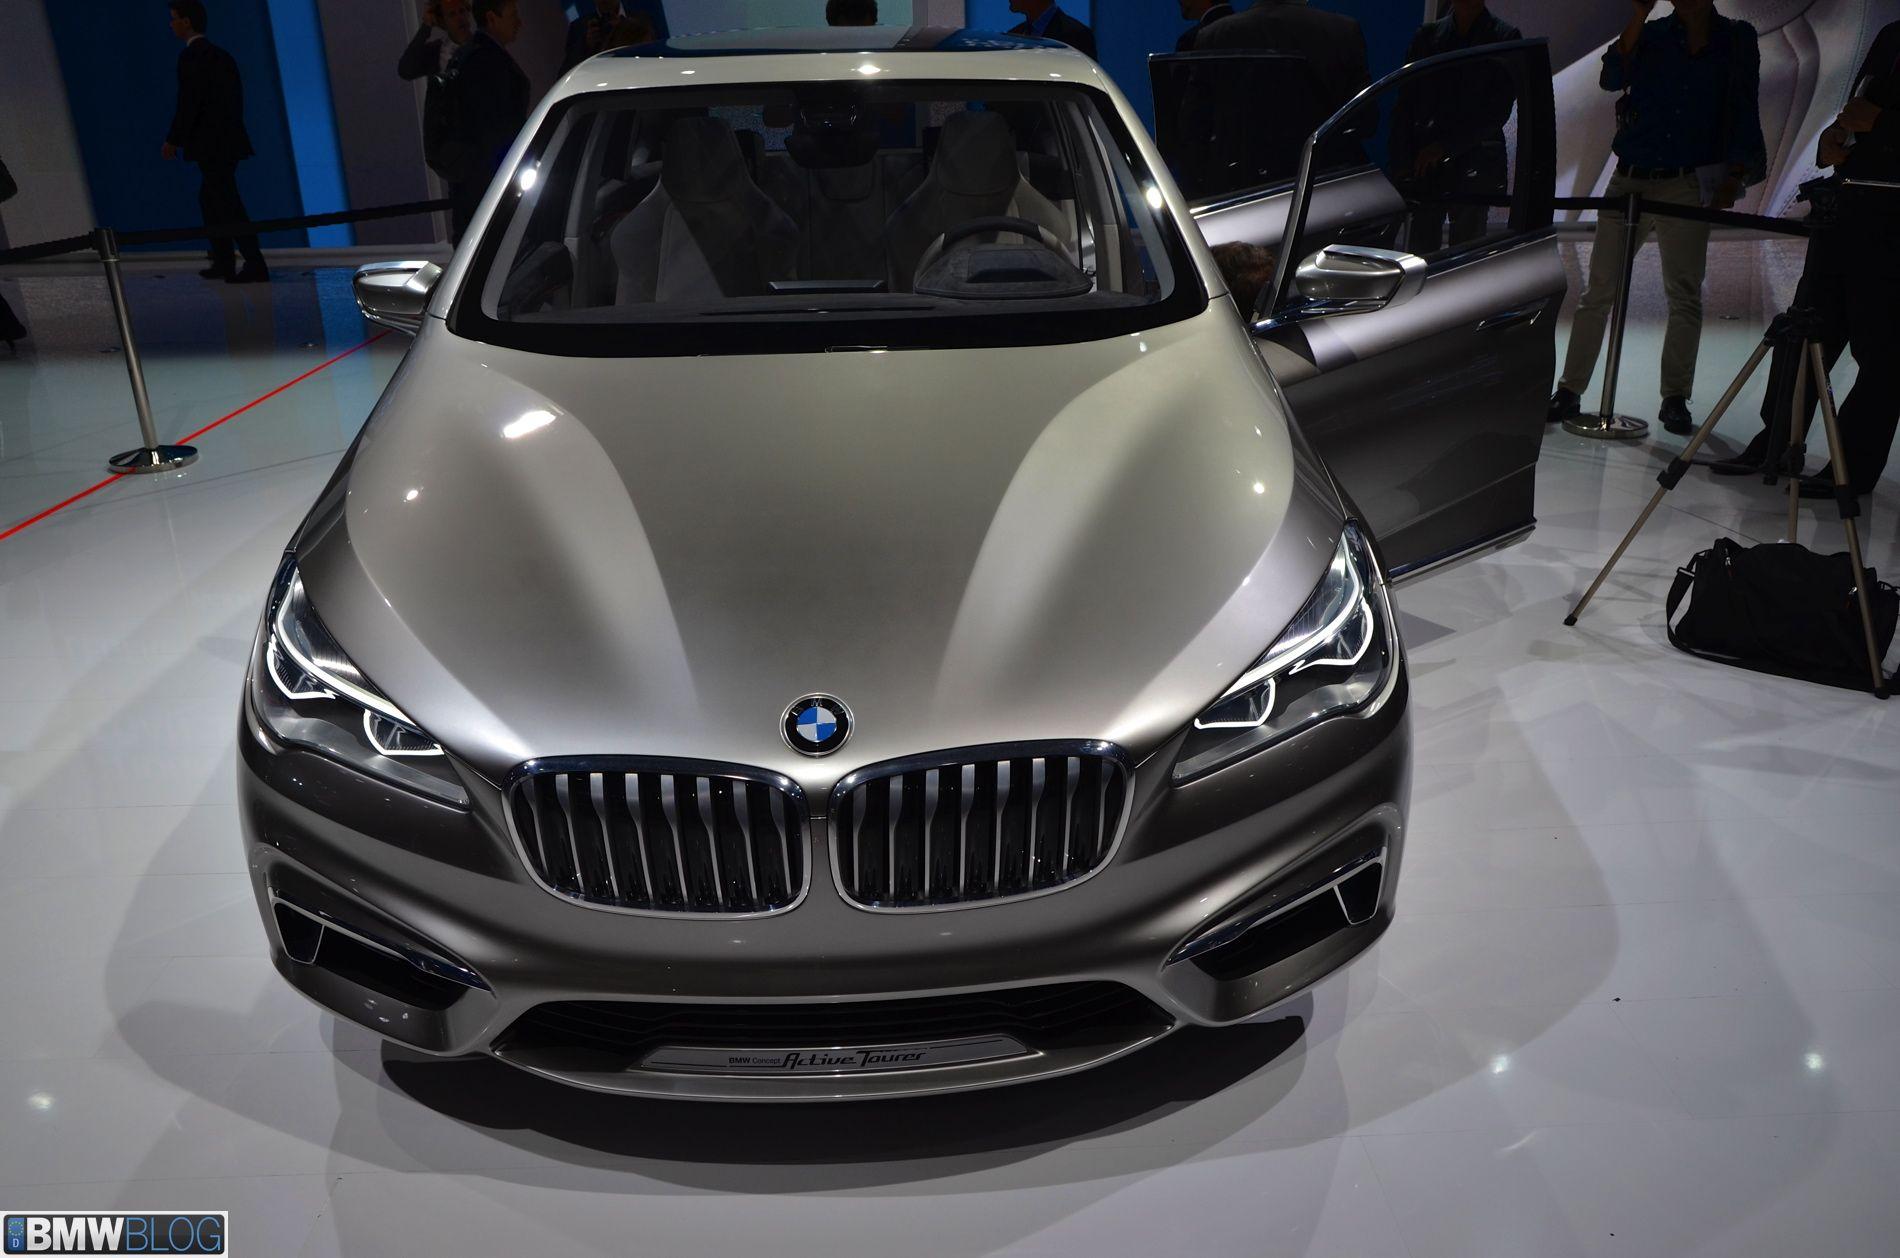 BMW Concept Active Tourer Hybrid · Bmw New ModelsBmw ConceptBmw CarsModel  ...